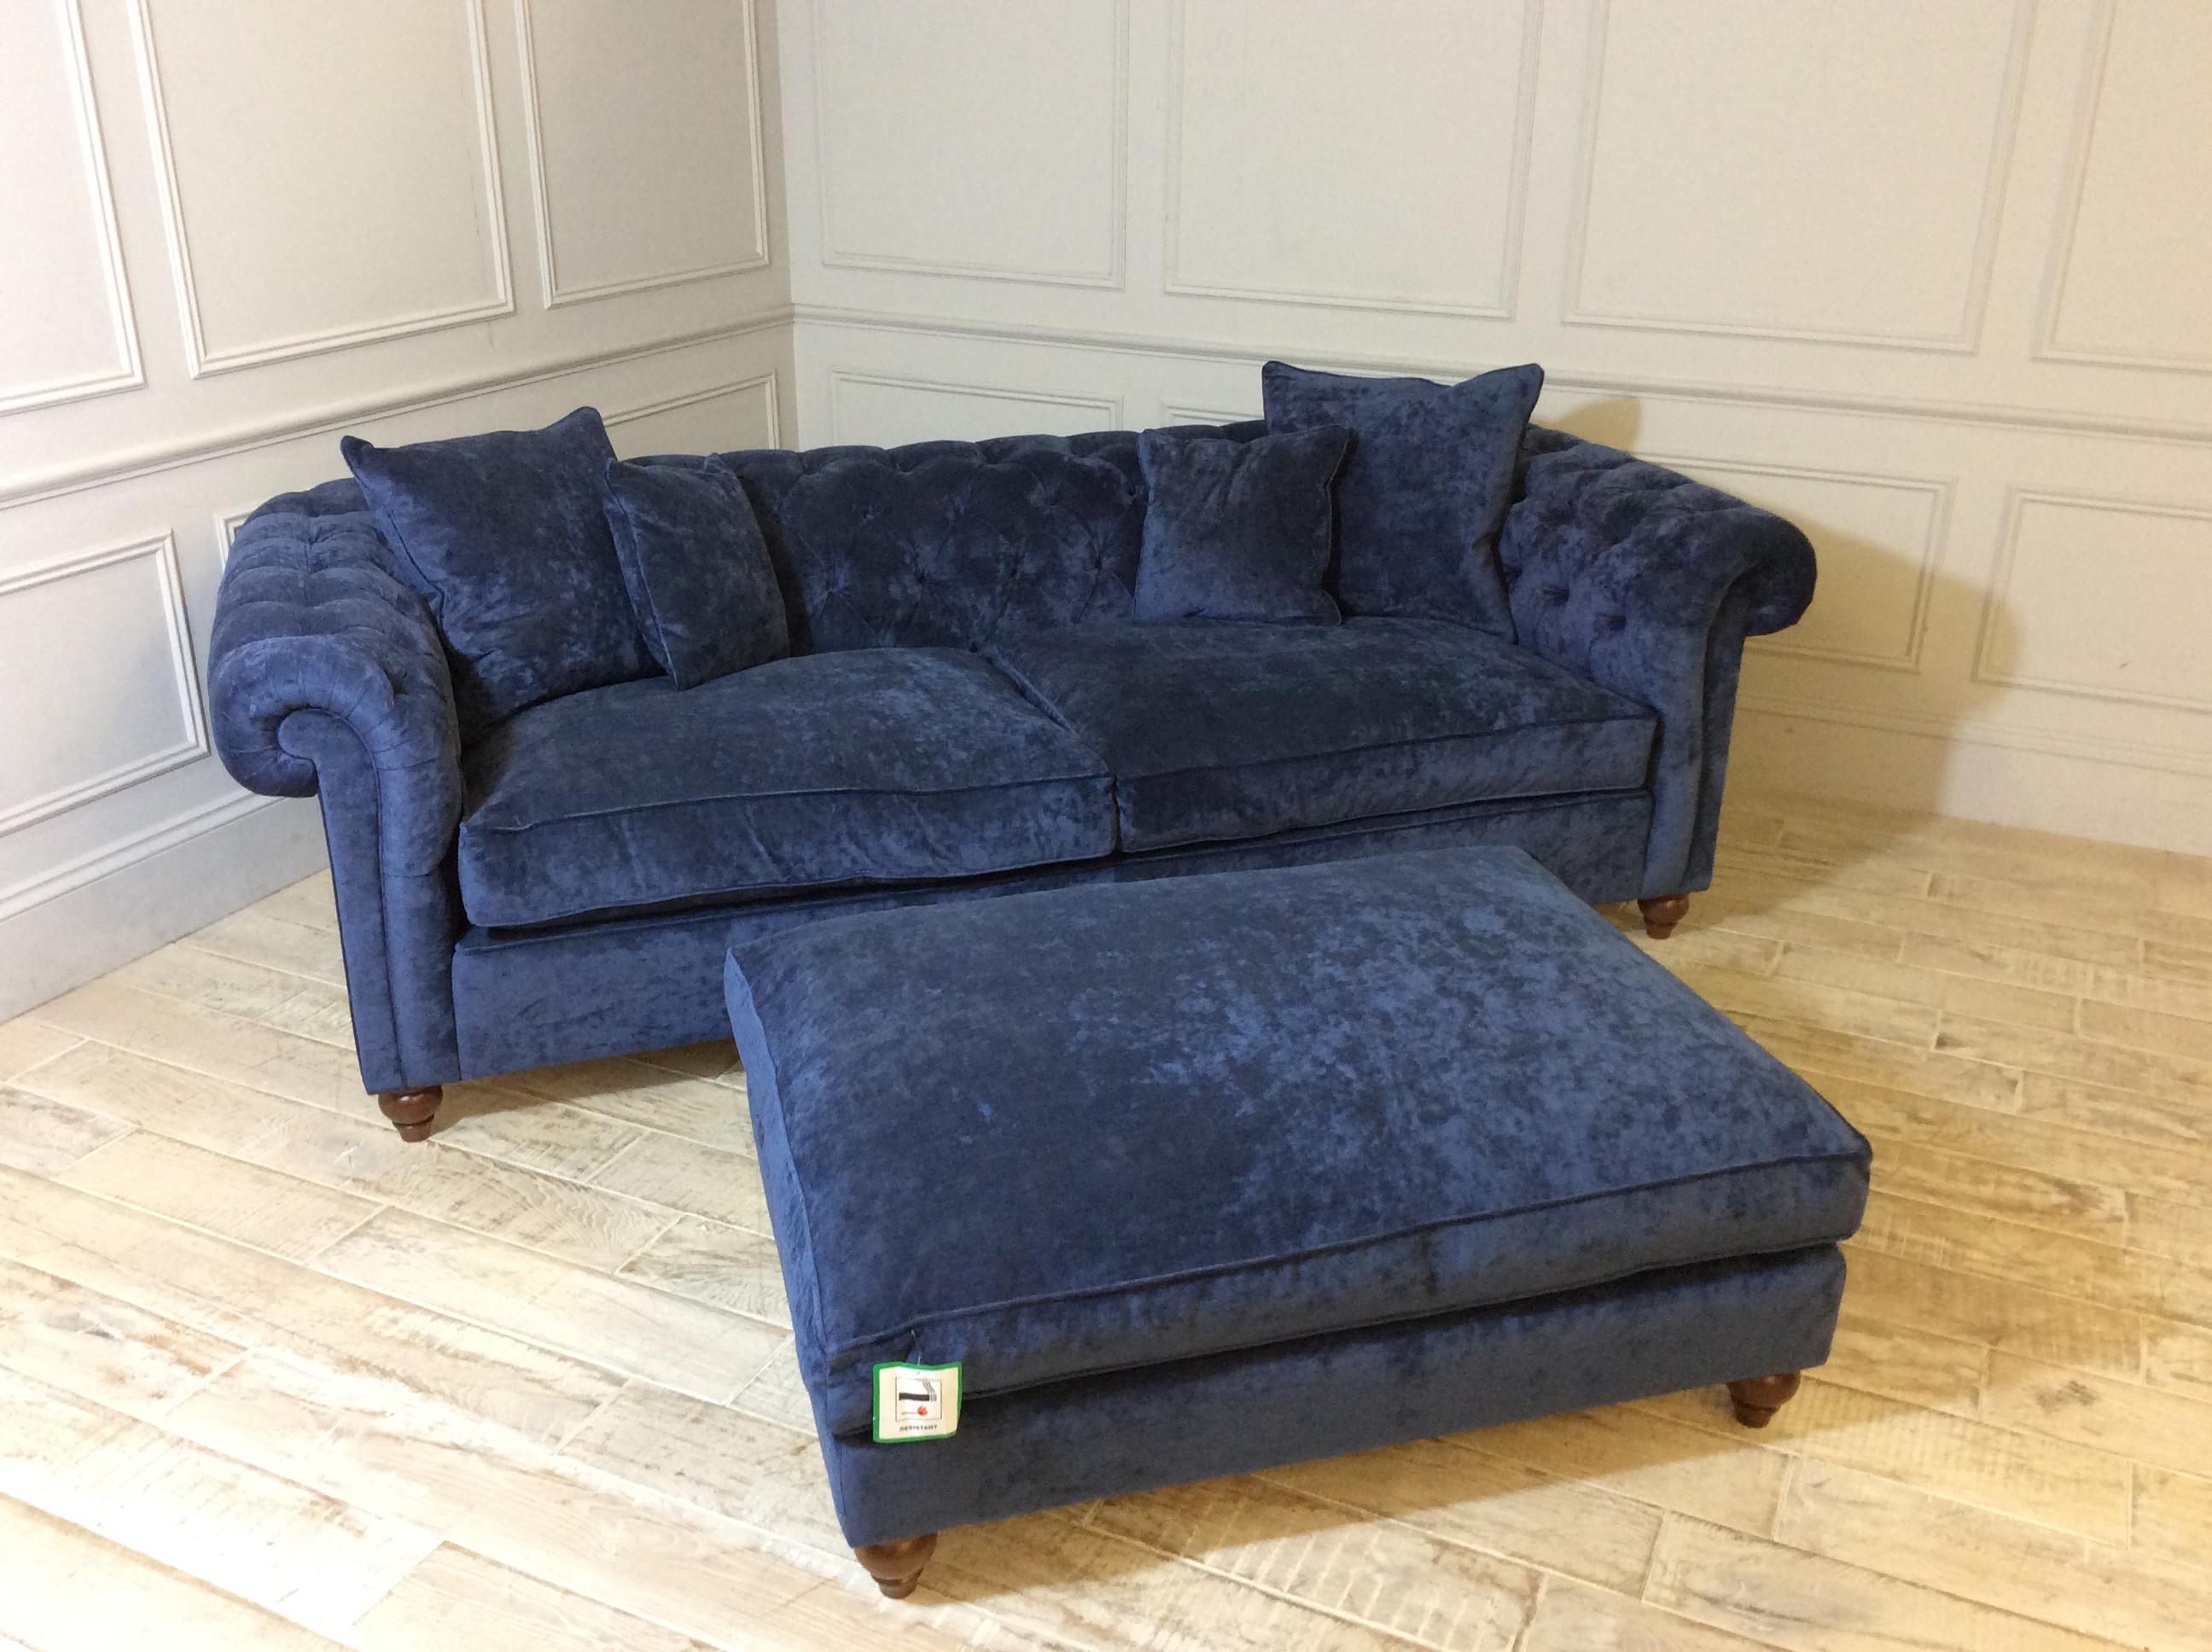 Duresta Connaught Fabric Grand Sofa in Pimlico Velvet Indigo